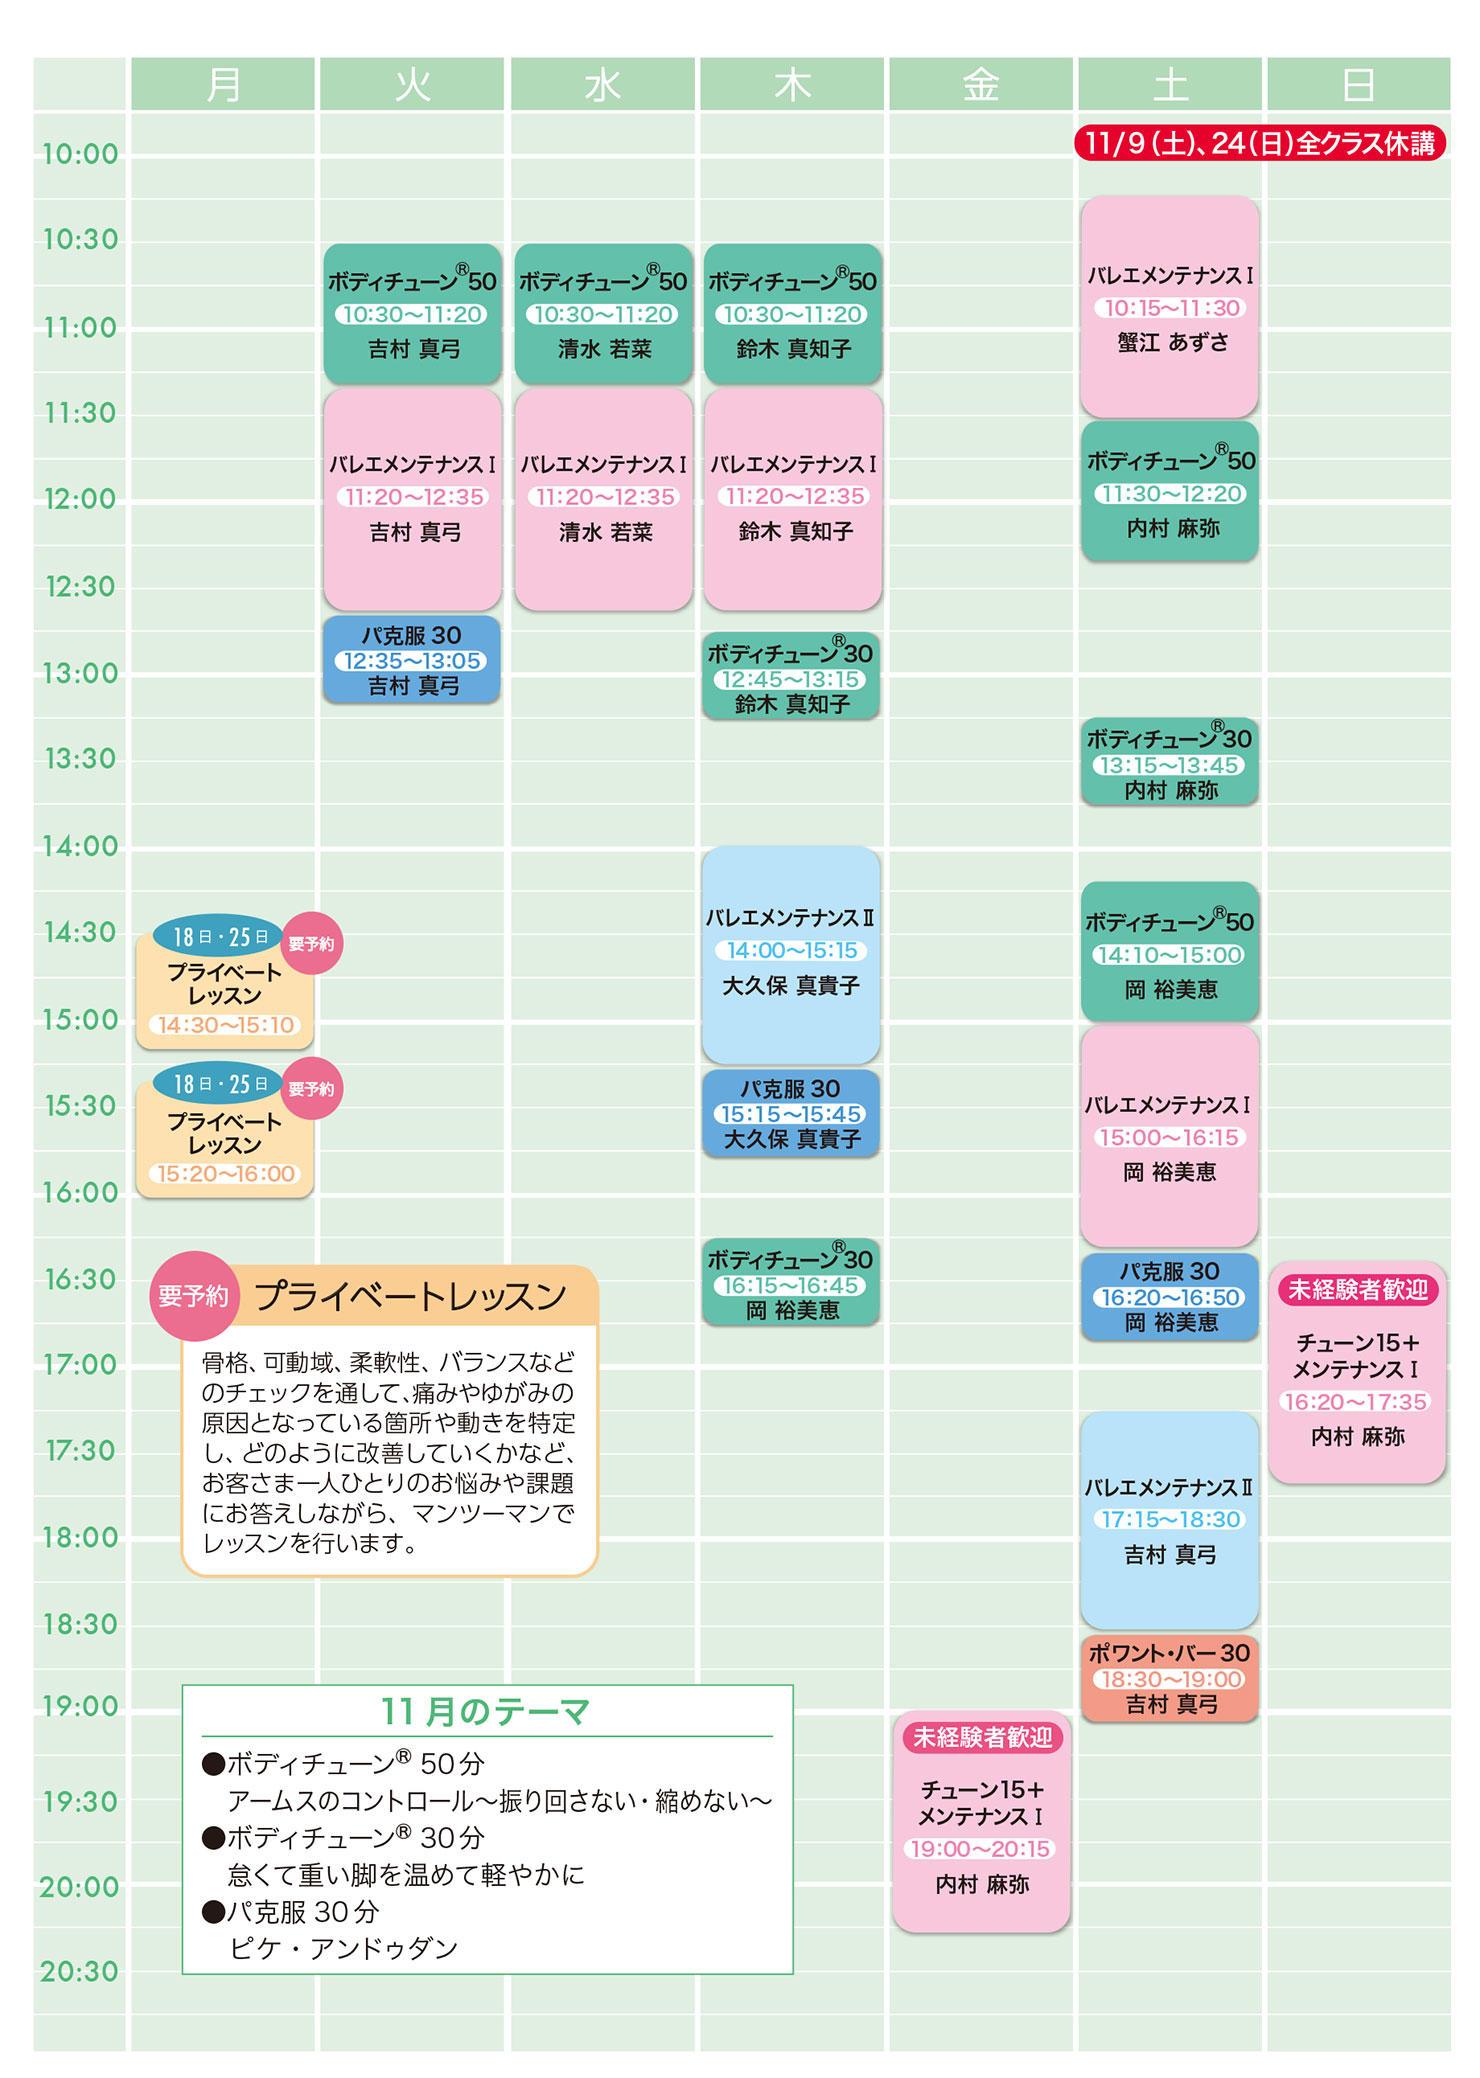 balletforce_timetable_201911.jpg